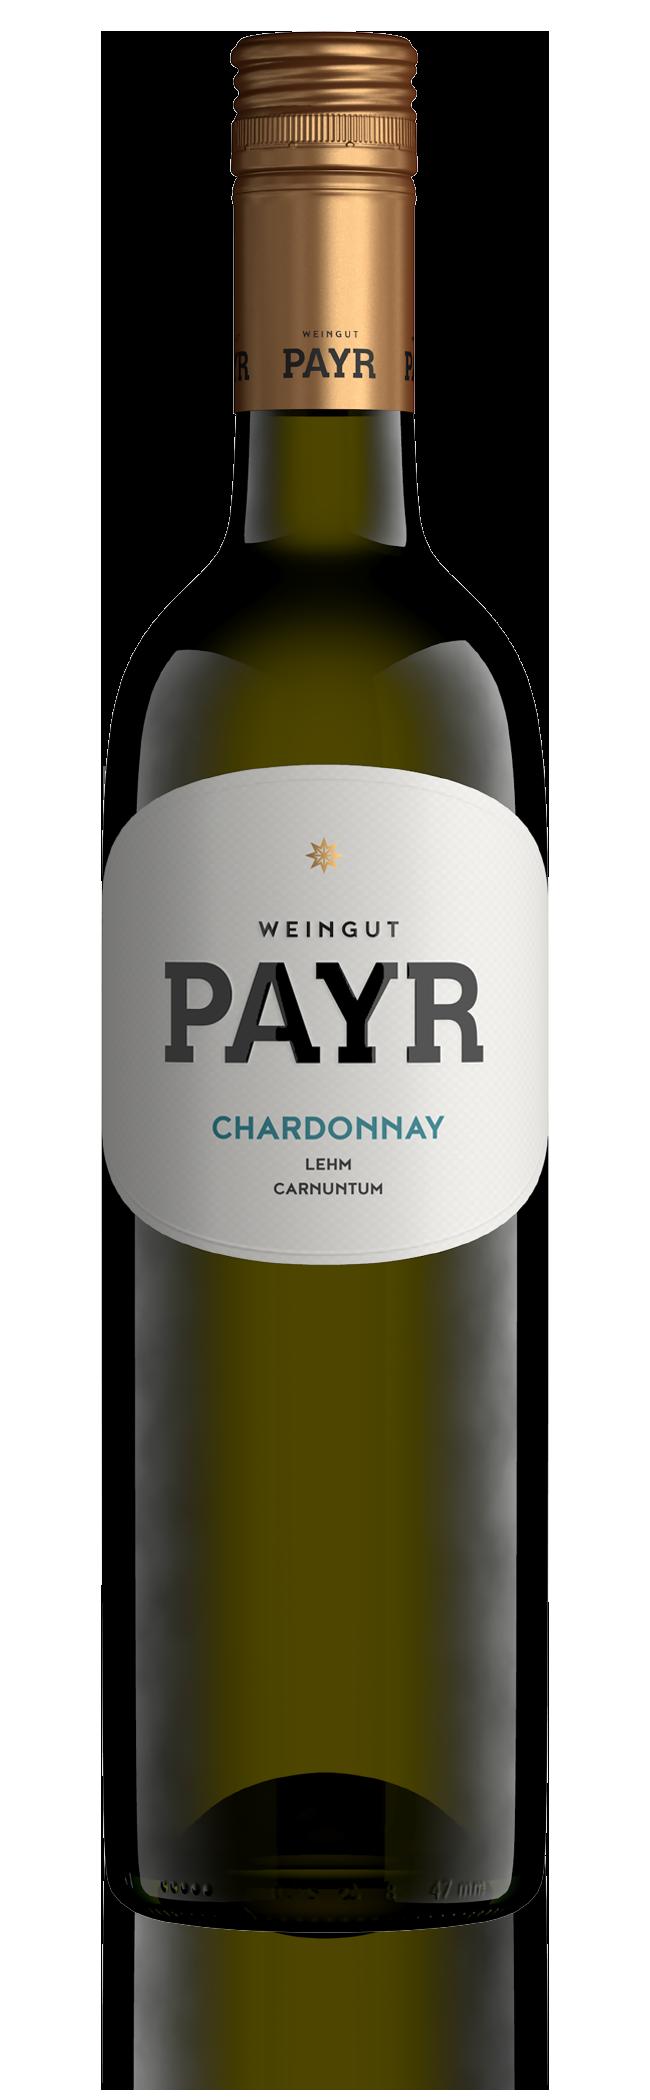 Packshot Weingut Payr Chardonnay Lehm Spiegelung 01 01